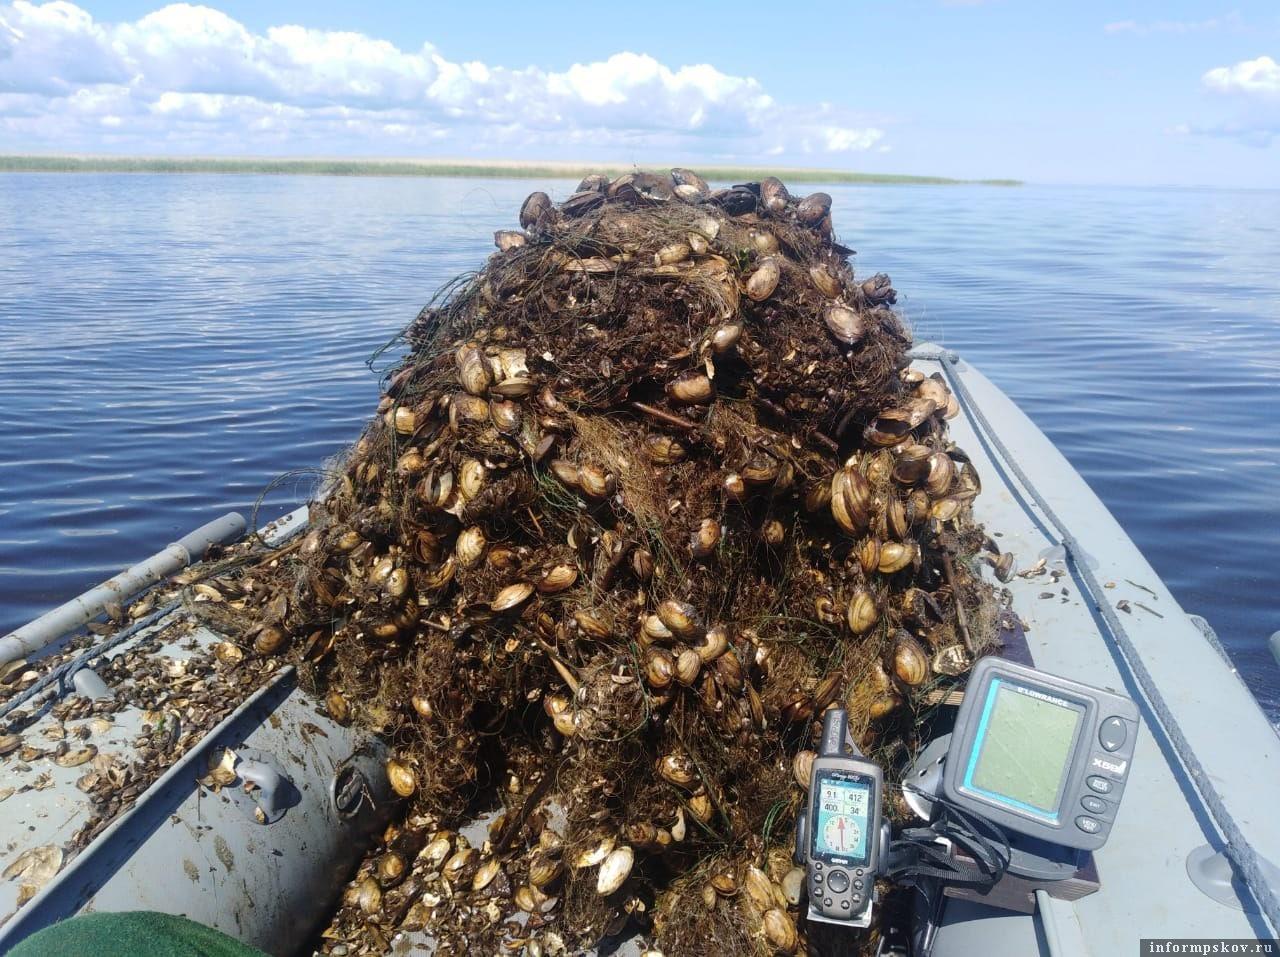 Вместо рыбы на крючке зачастую у троллингистов вот такой улов. Брошенные сети – бич псковских водоёмов.